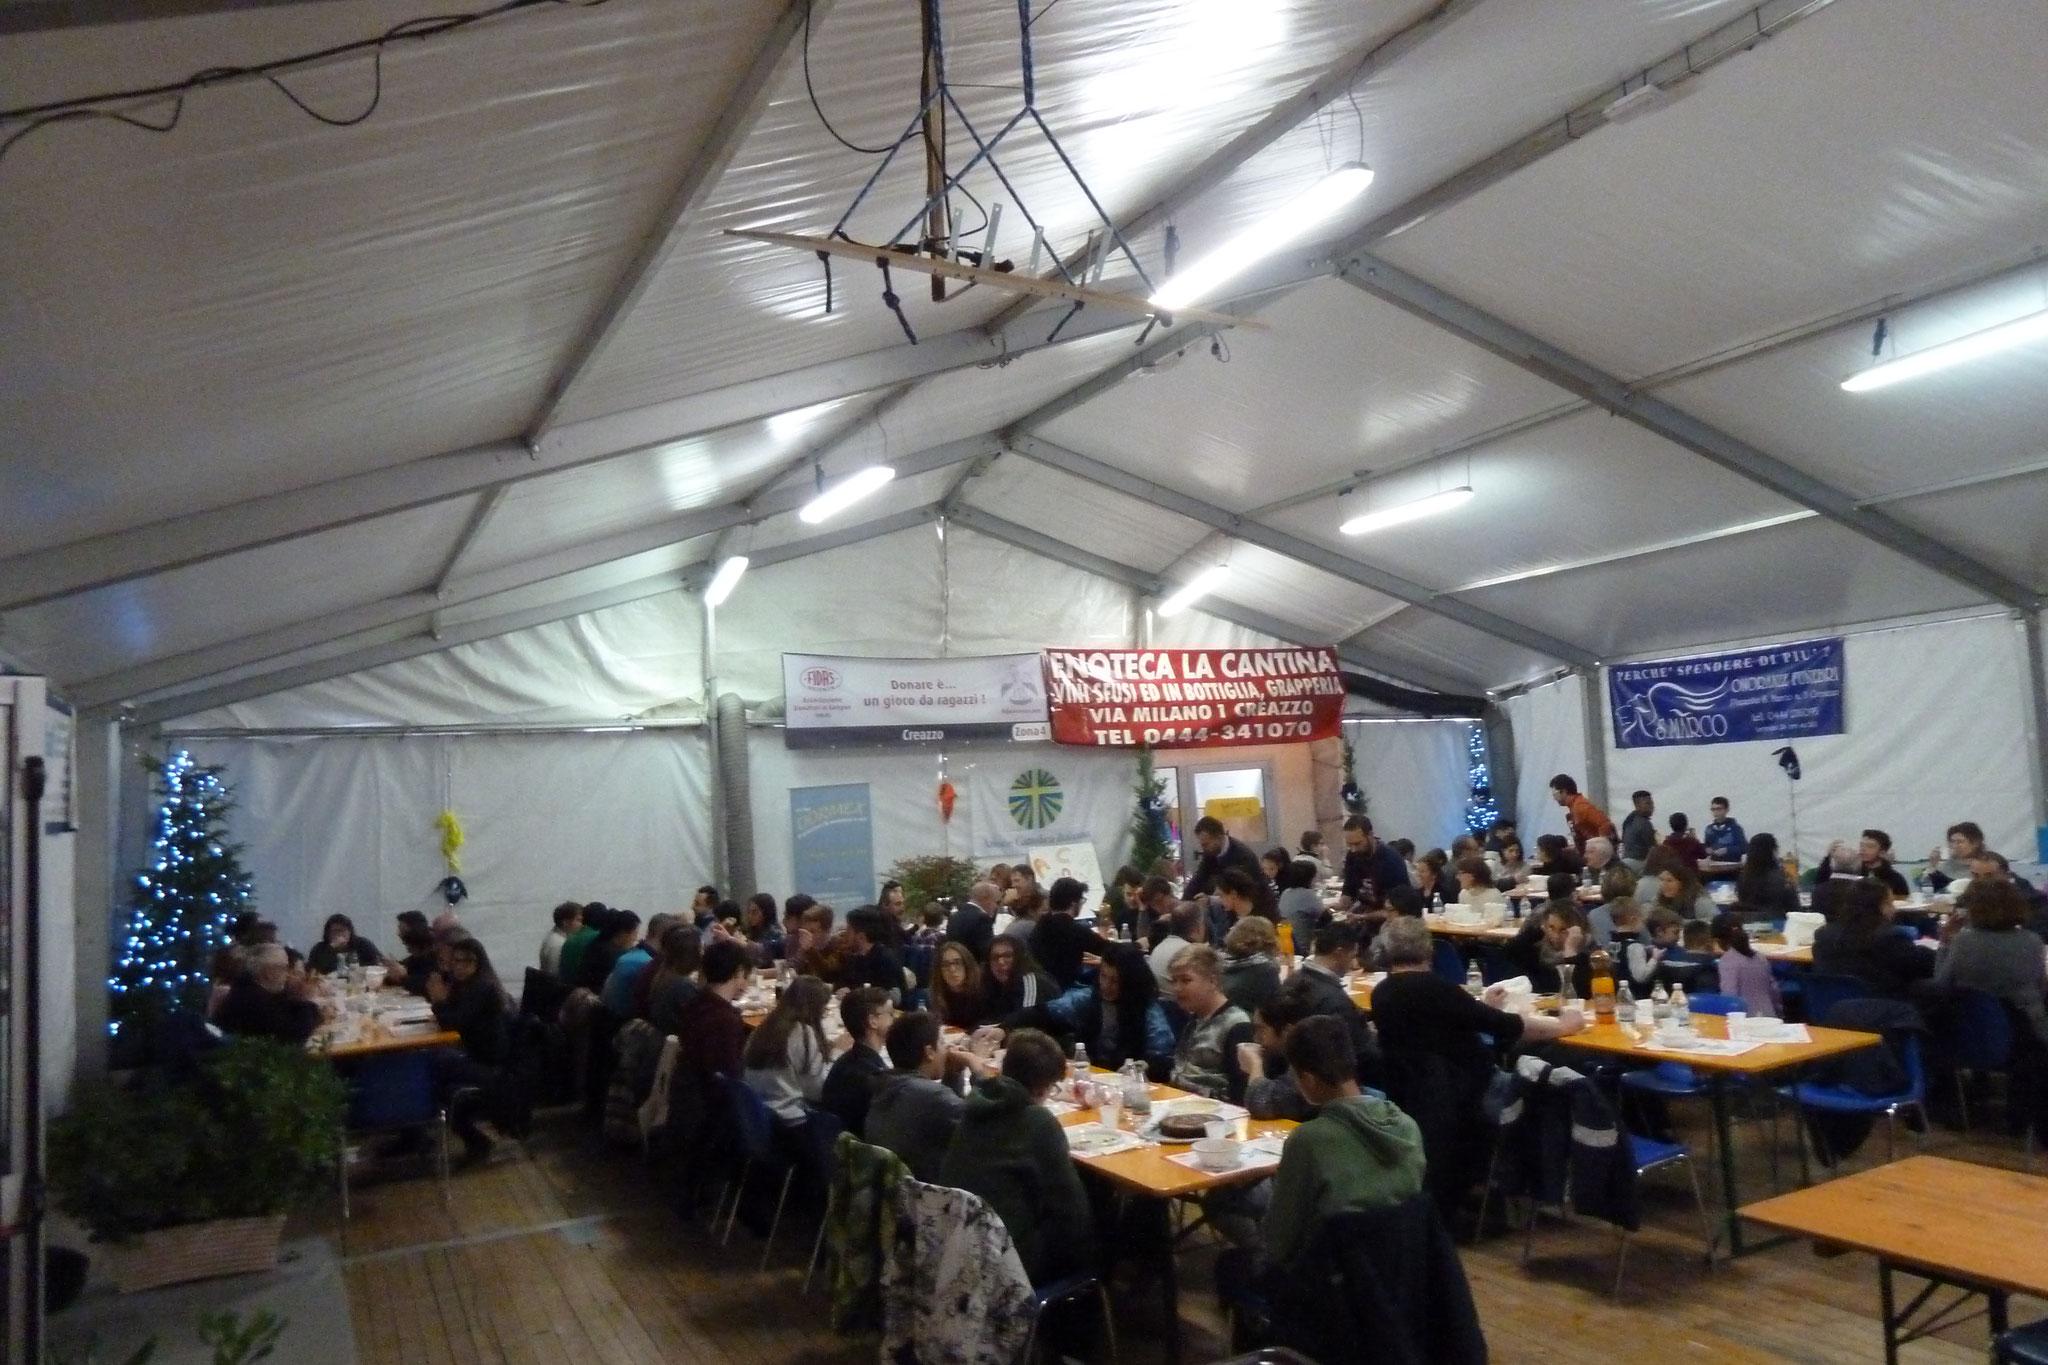 pranzo festa adesione 08-12-16